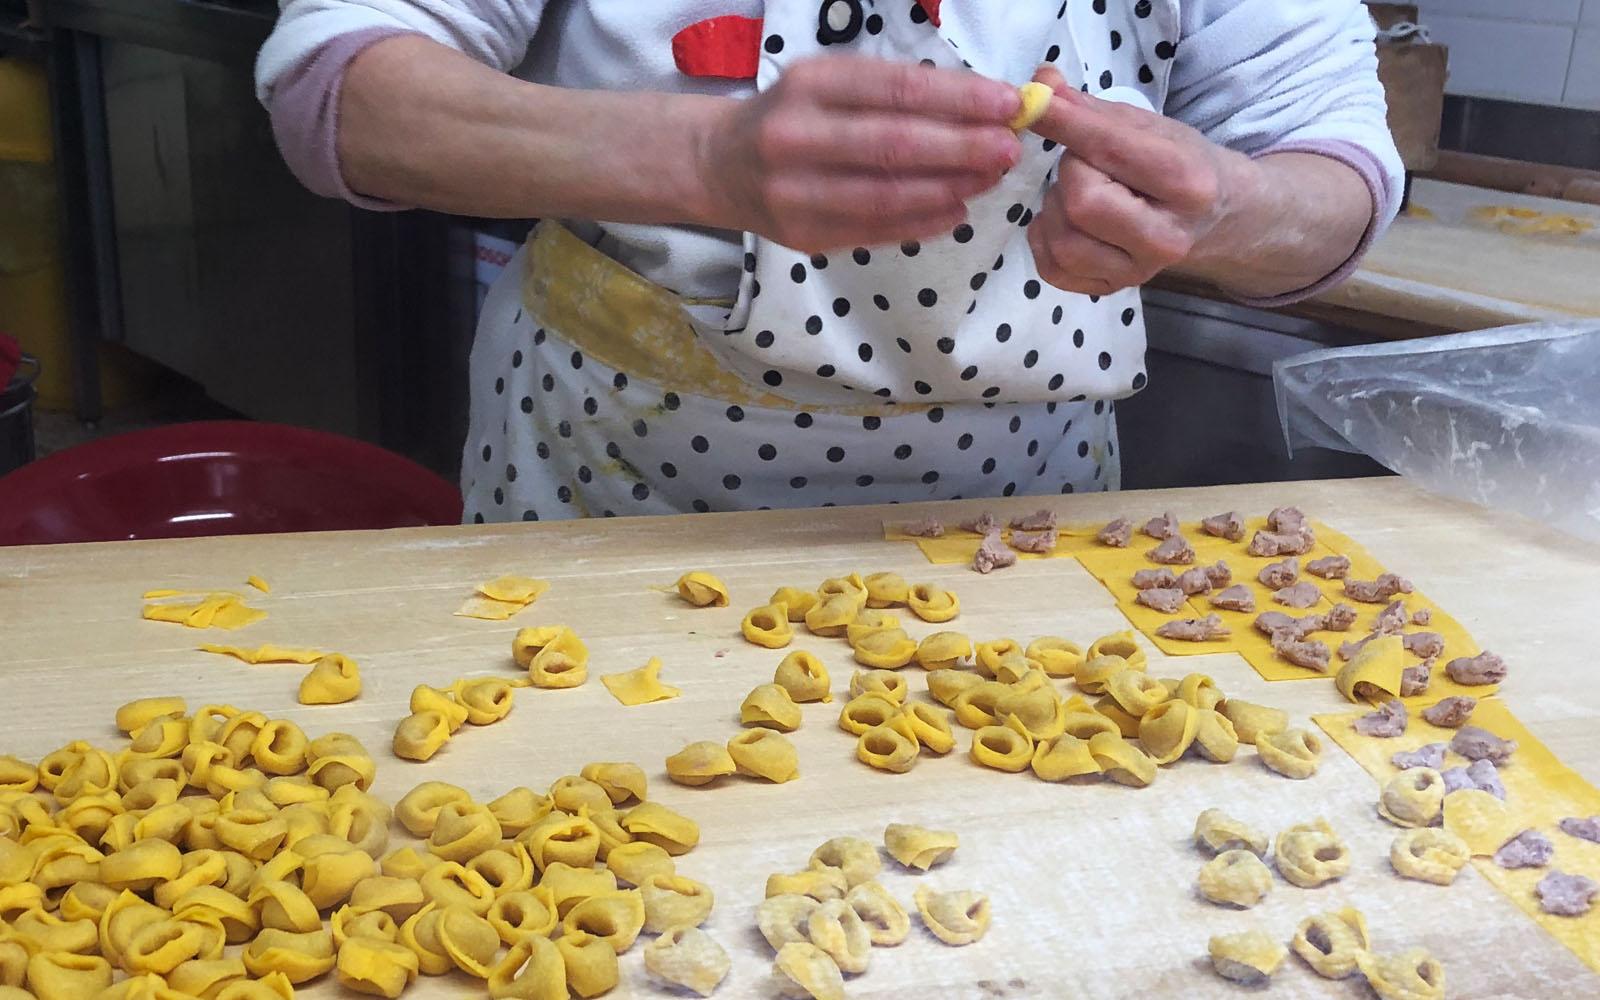 La preparazione dei tortellini nel laboratorio artigianale La Pentola che Bolle.